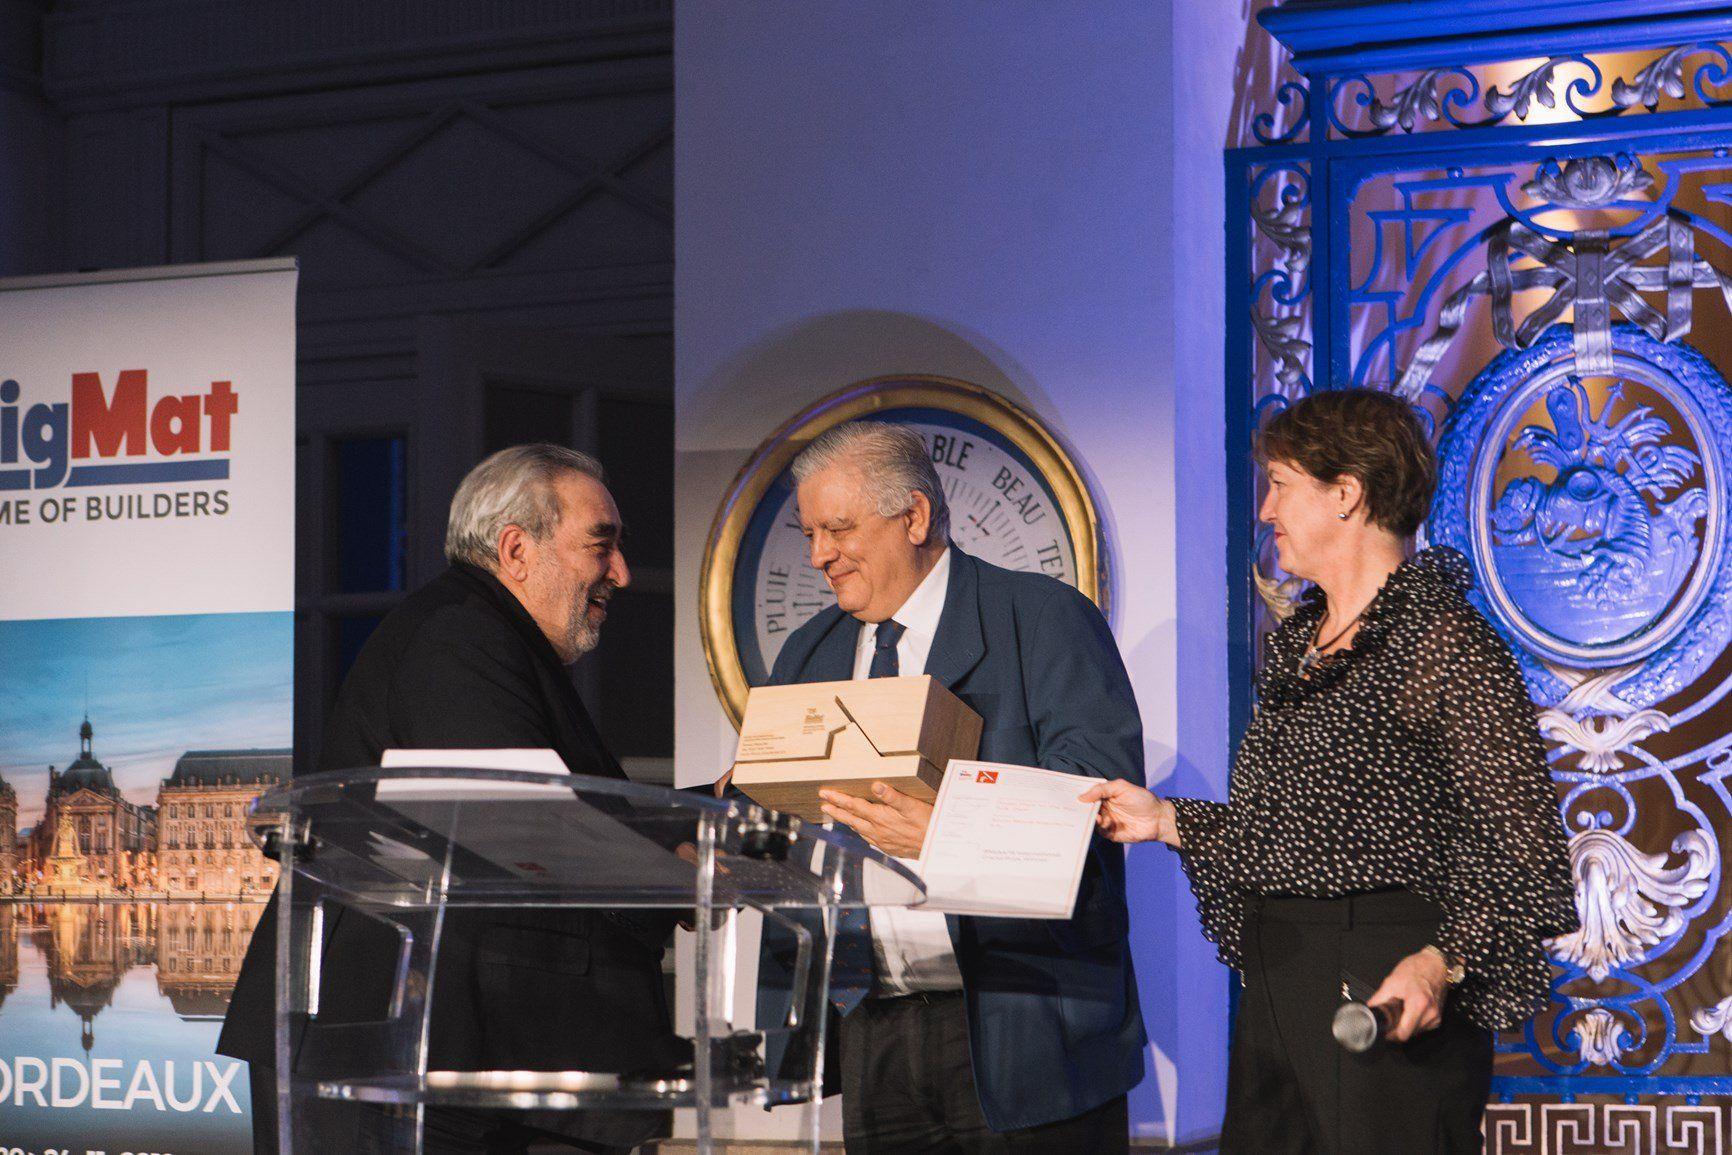 Souto Moura Arquitectos vince il Gran Premio Internazionale del Bigmat International Architecture Award 2019